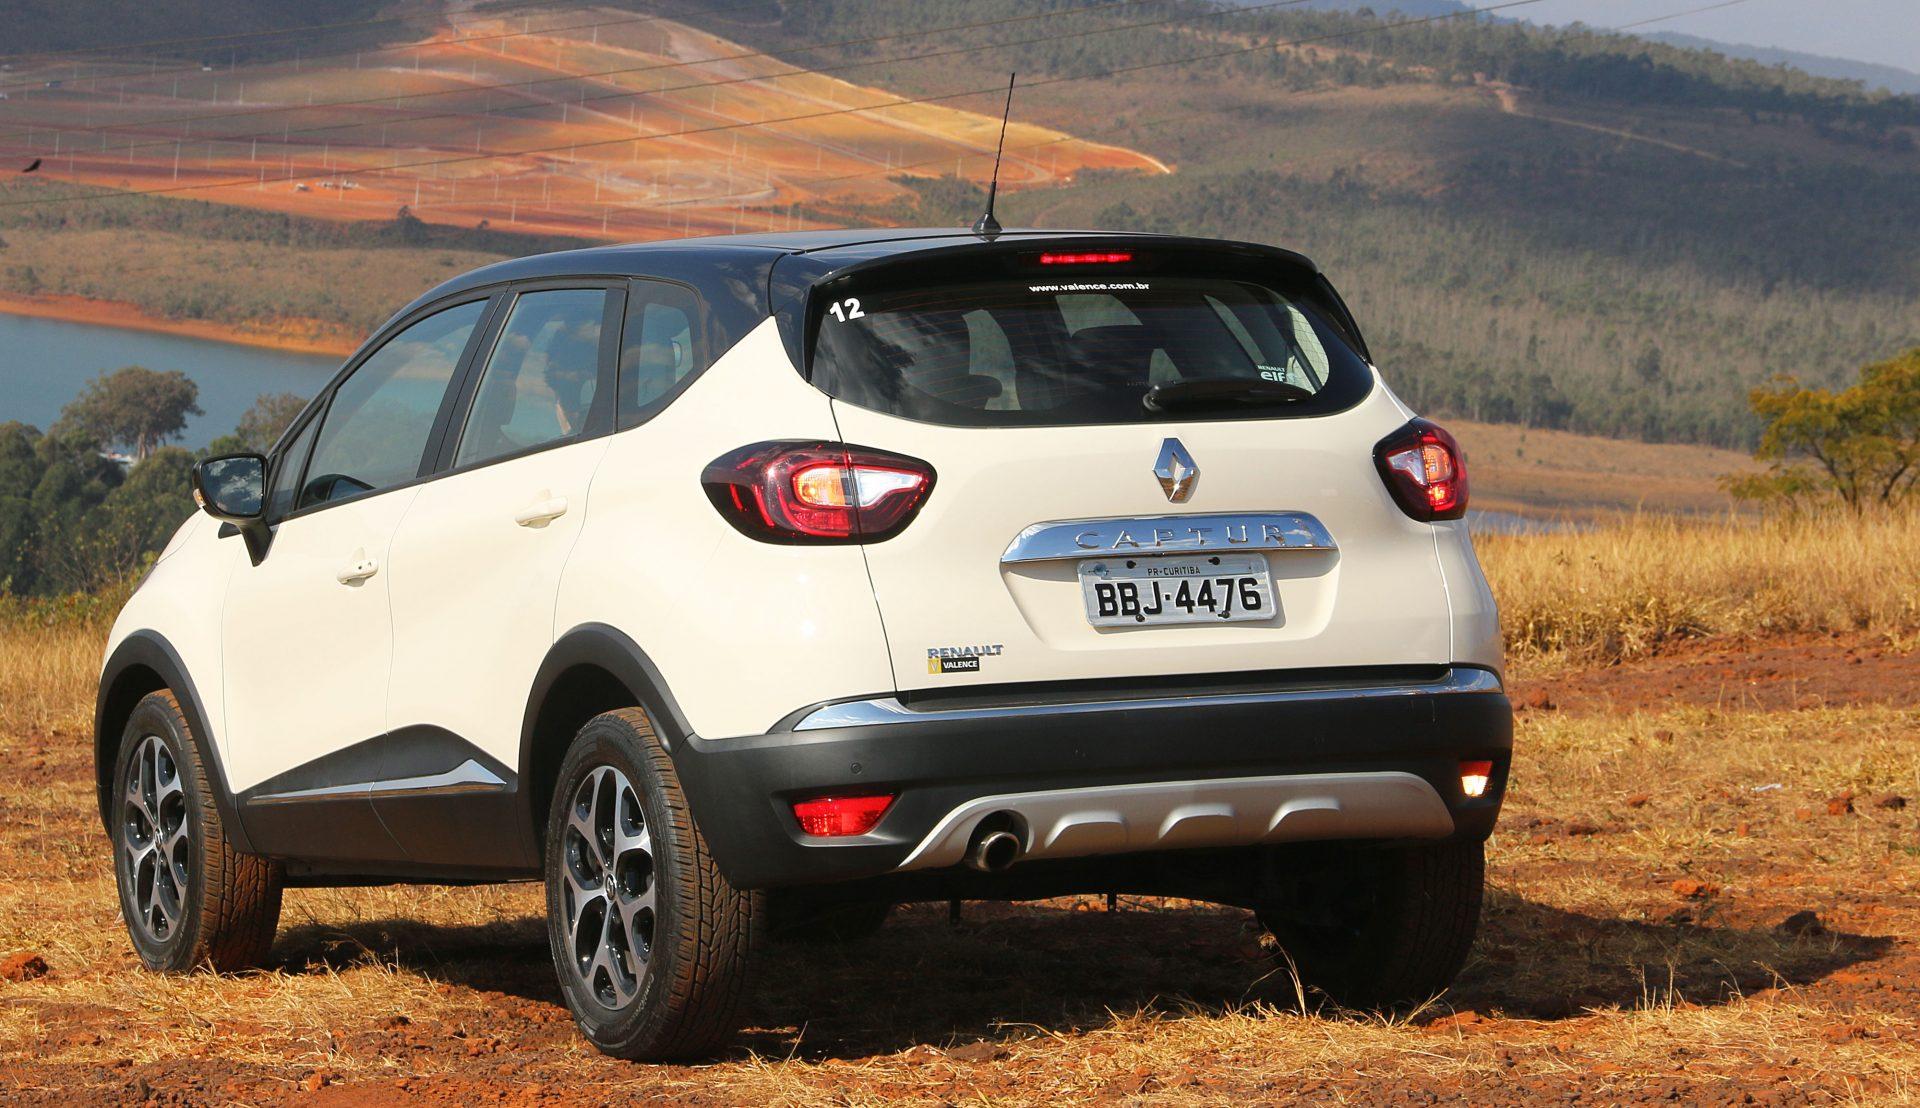 Testamos o Renault Captur CVT. Preço do SUV 1.6 é R$ 89.590. Conjunto mecânico agrada no trânsito urbano, mas peca na estrada.